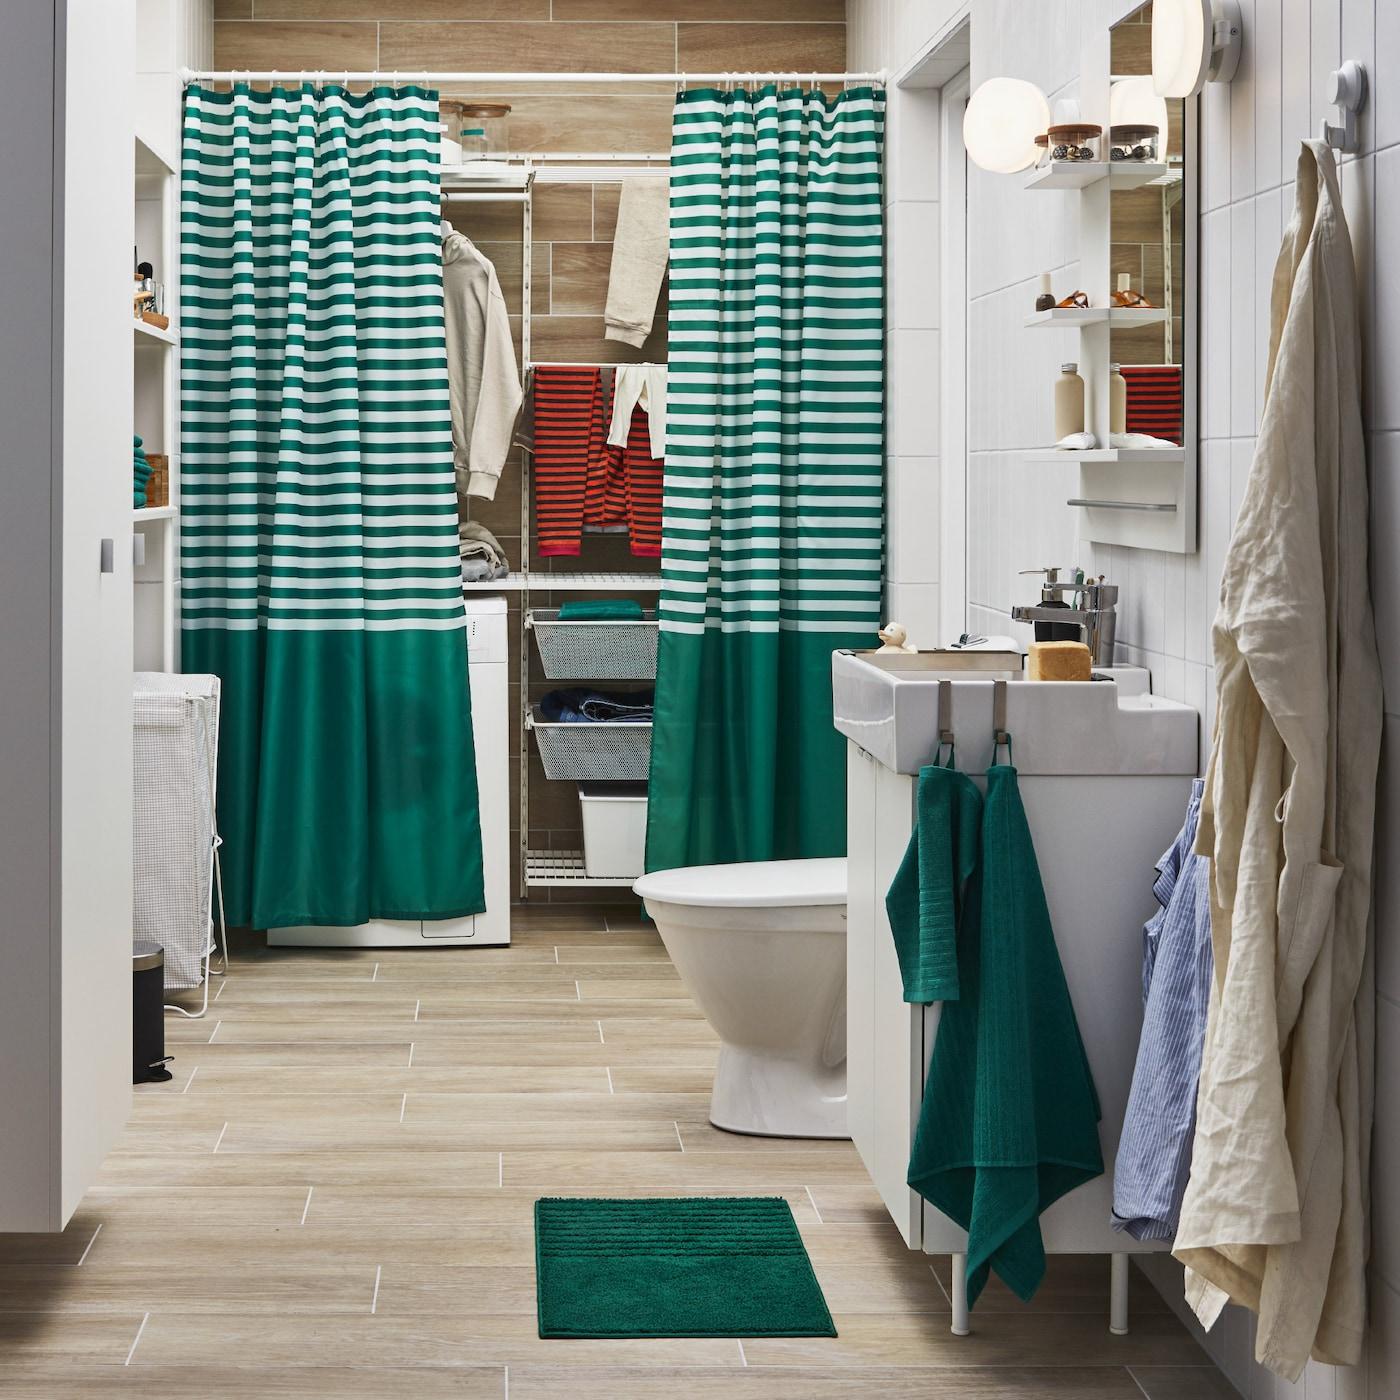 حمام به مساحةمغسلةمخفية بشكل جزئيوراء ستارةللدوش مقلمة، وحوض غسل أبيض ومناشف خضراء.